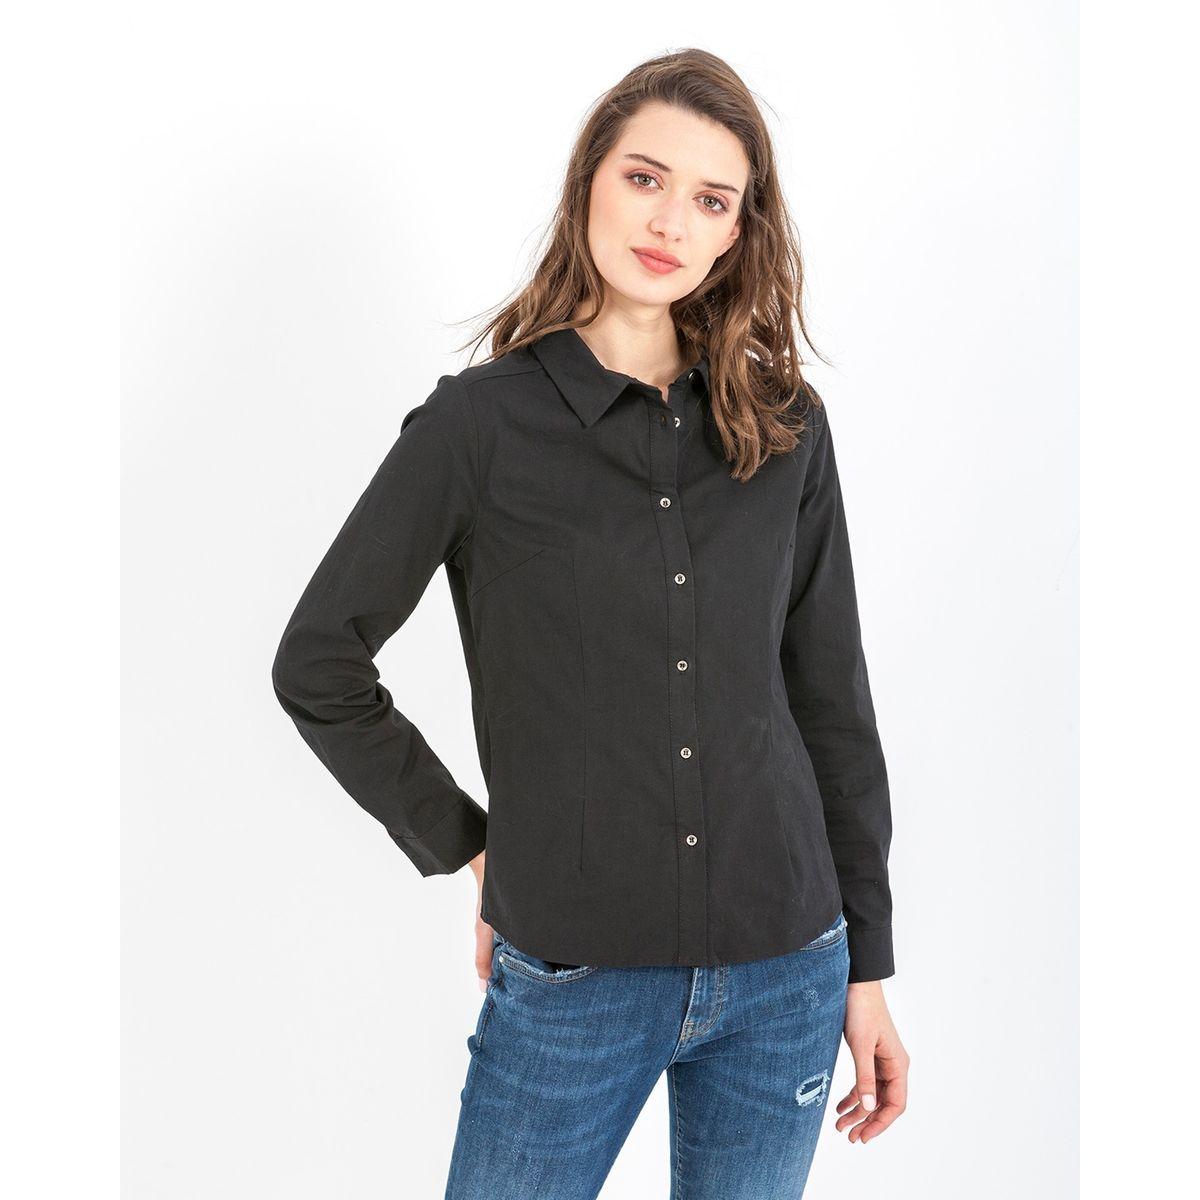 Chemise de coupe basique et manches longues